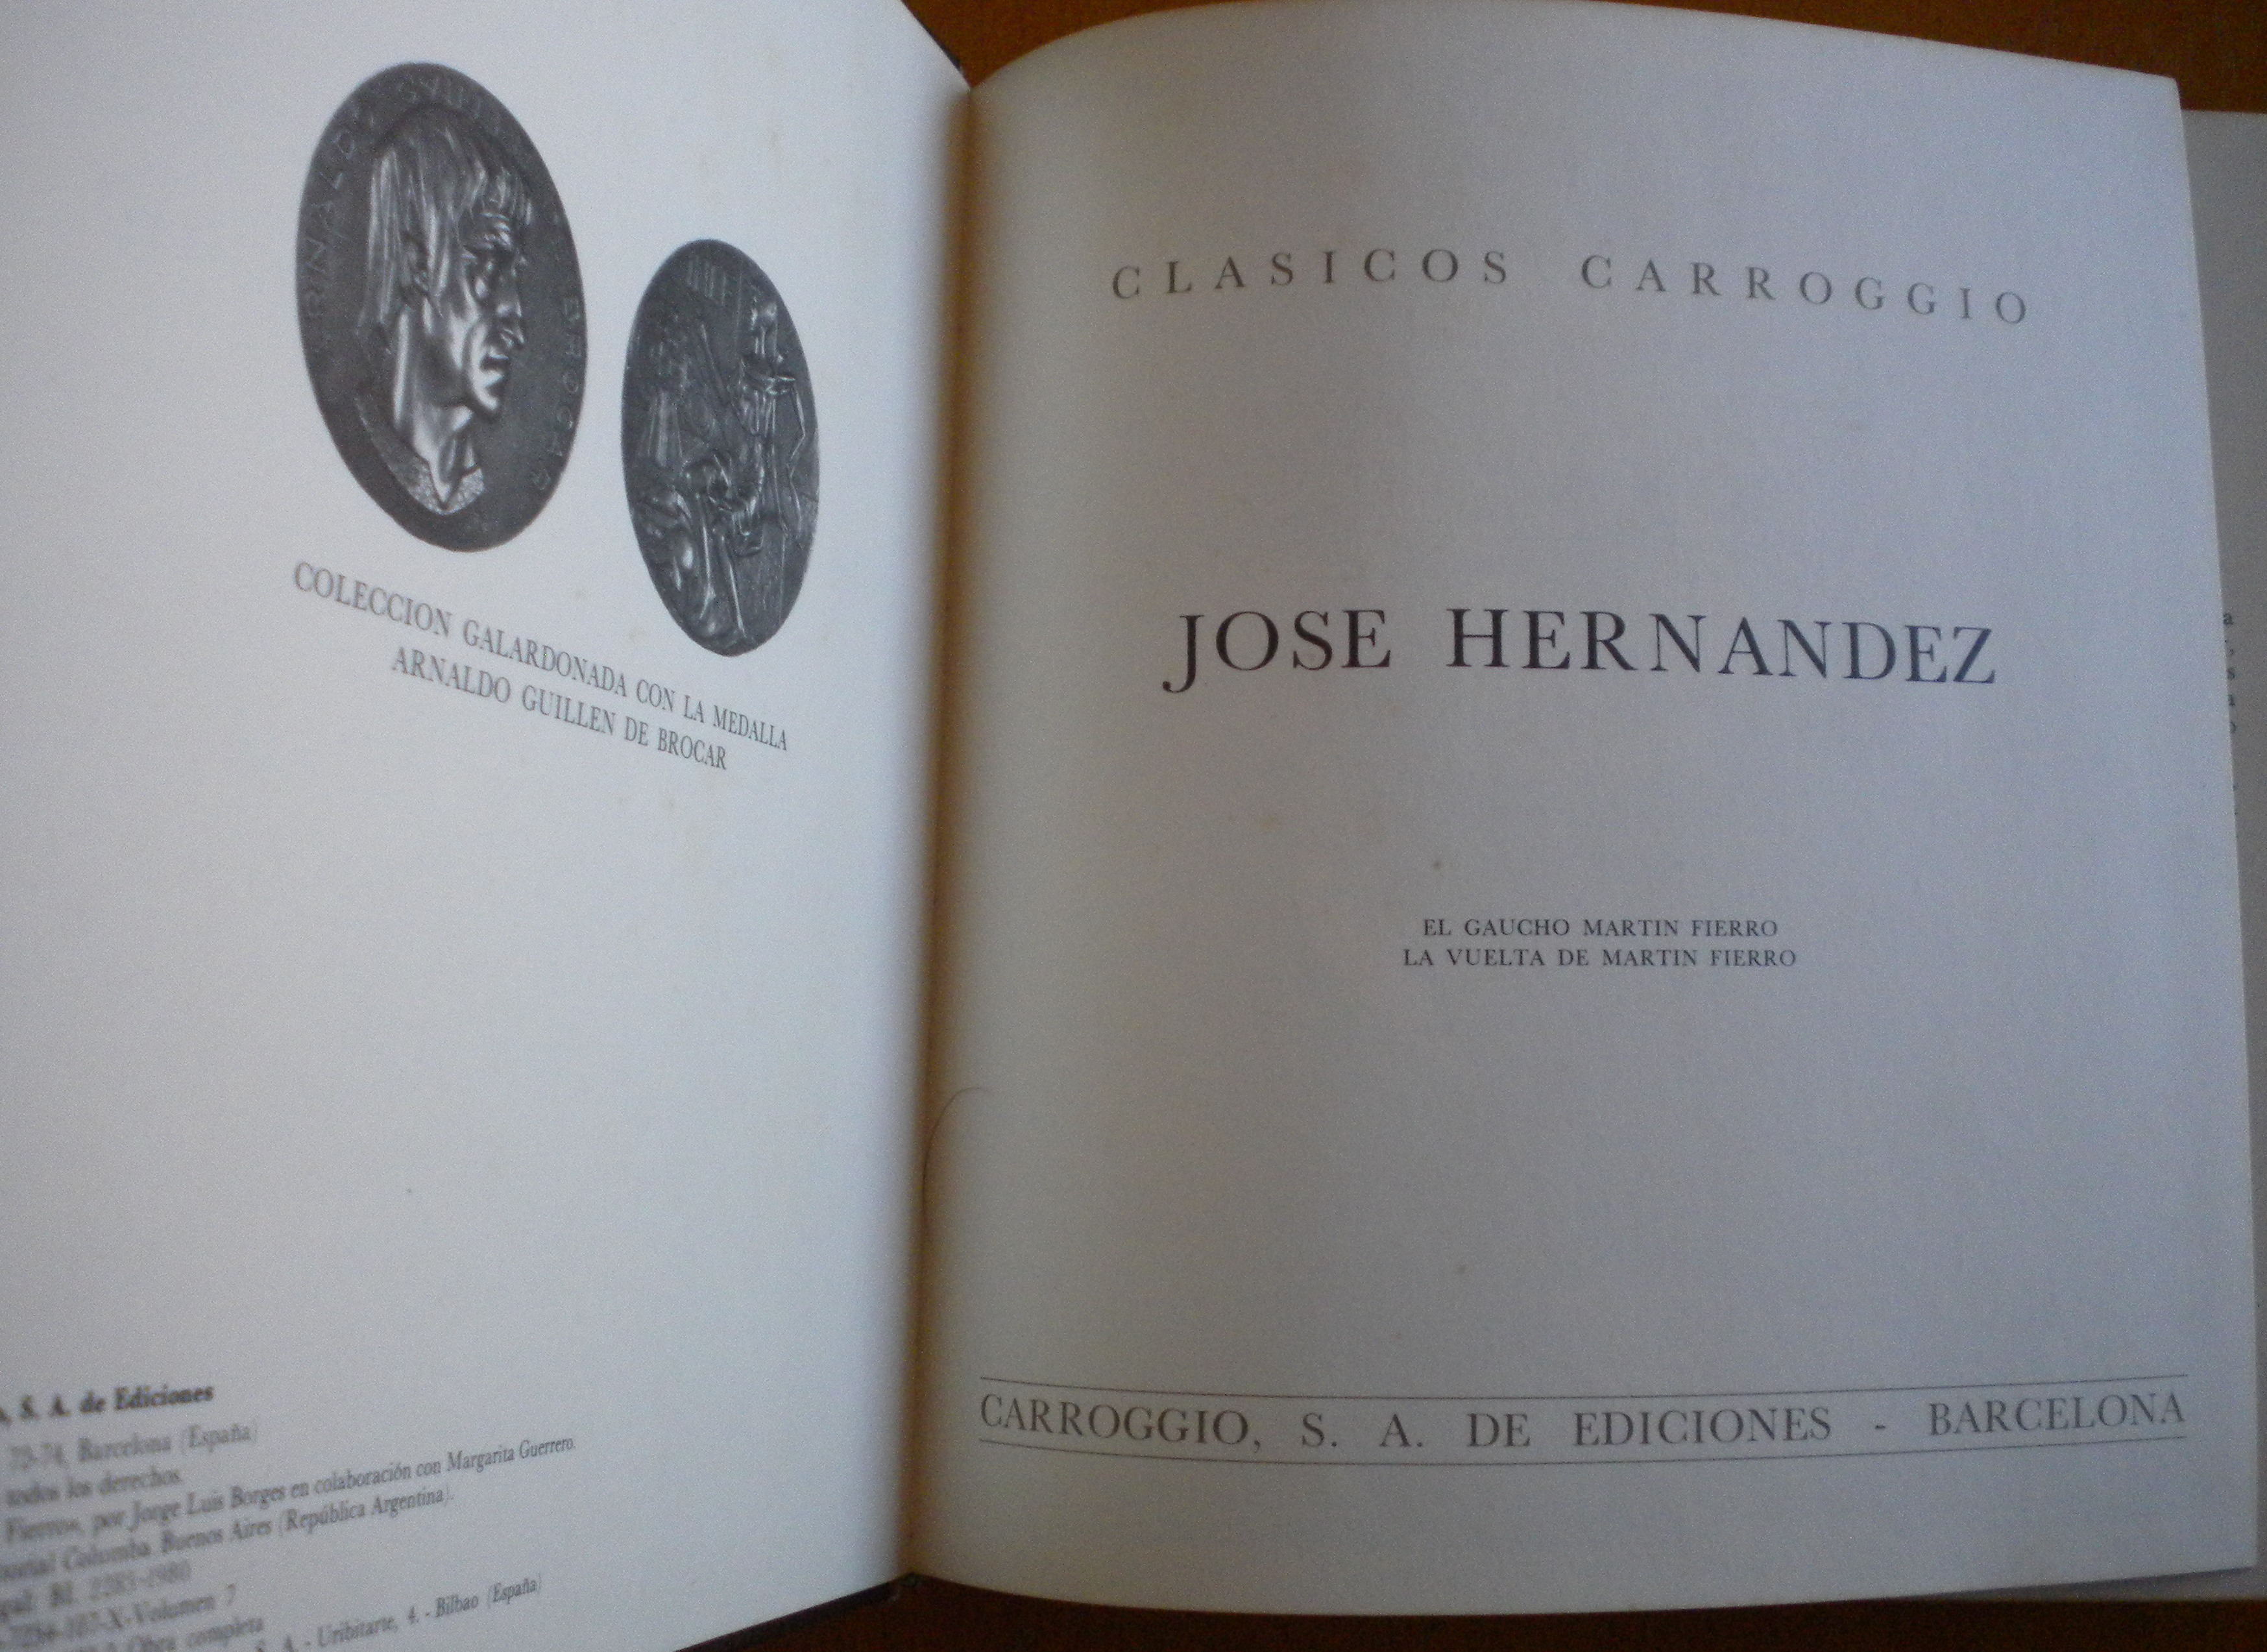 José Hernández El Gaucho Martin Fierro Y La Vuelta De Martin Fierro Abebooks